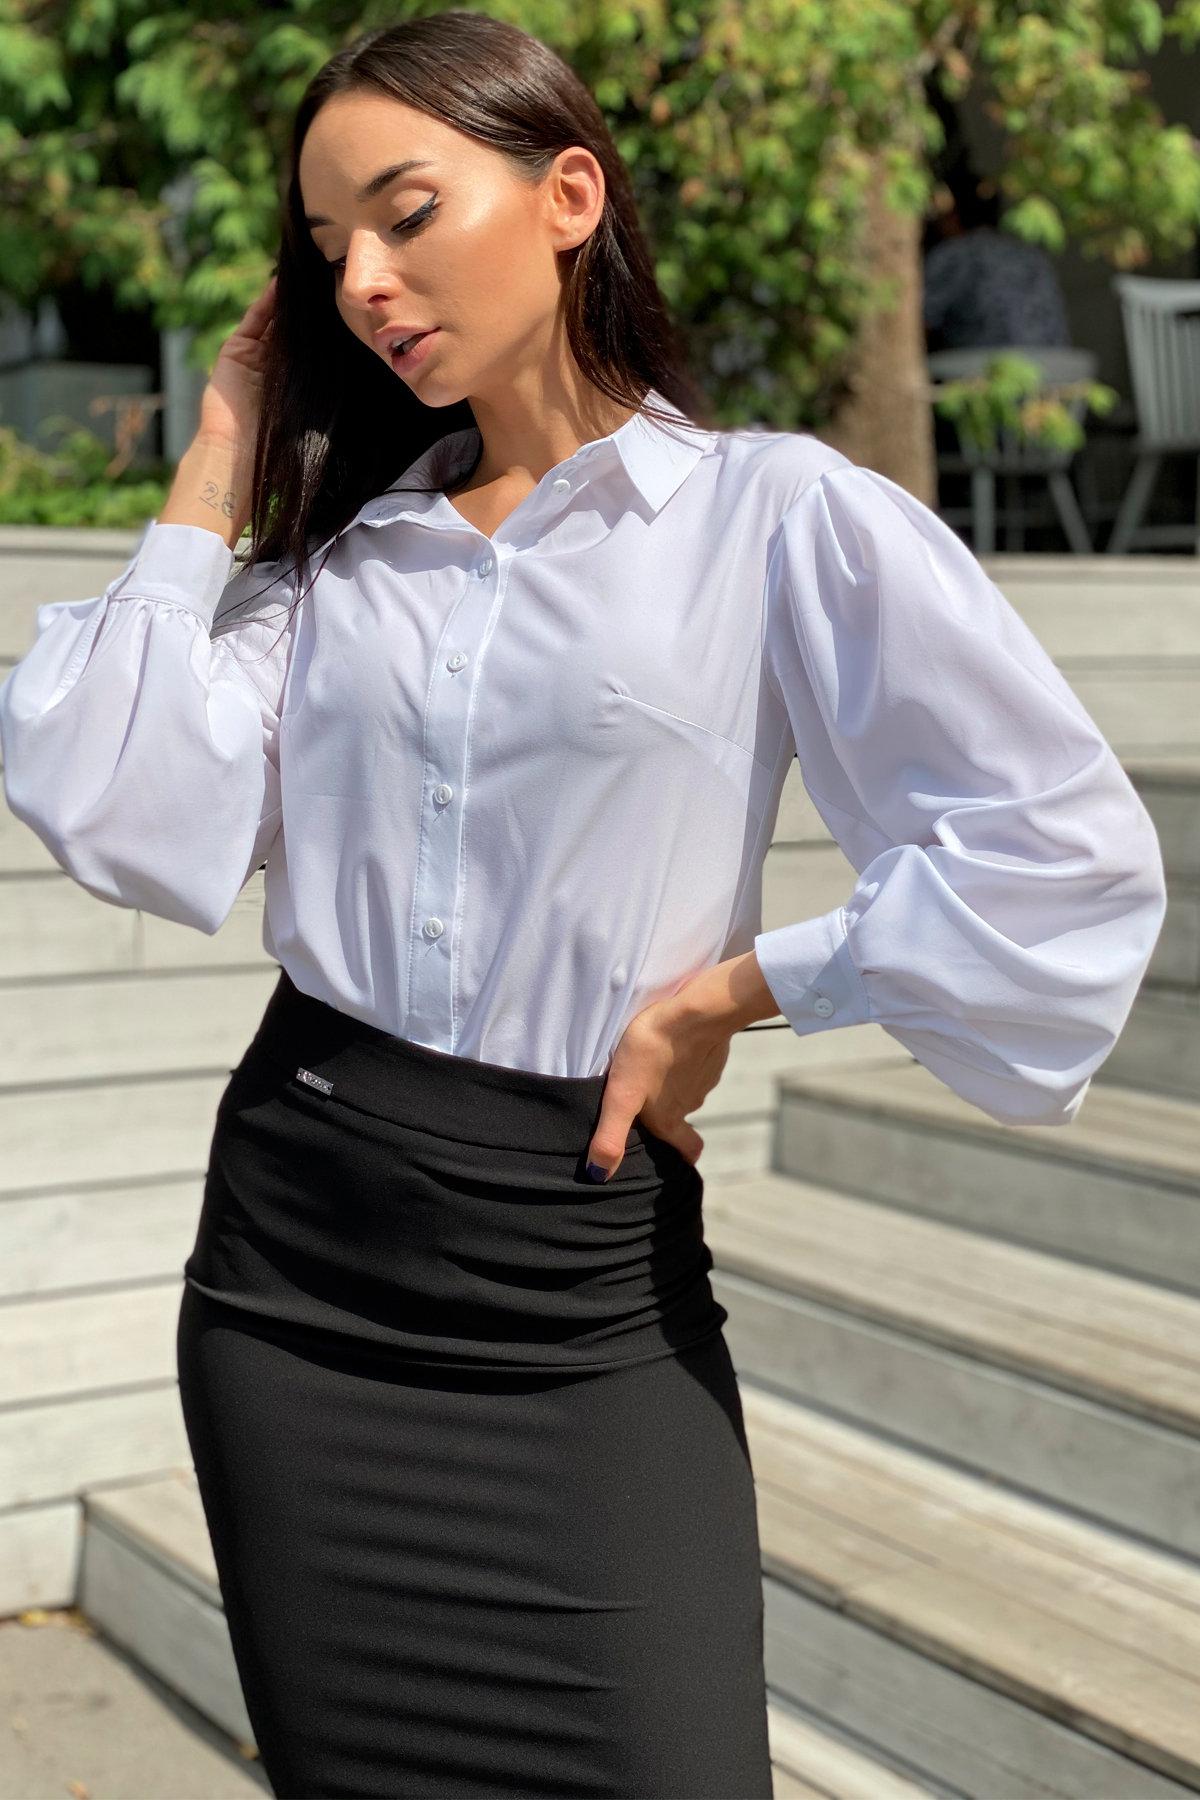 Блузка Гейм 9604 АРТ. 45924 Цвет: Белый - фото 7, интернет магазин tm-modus.ru